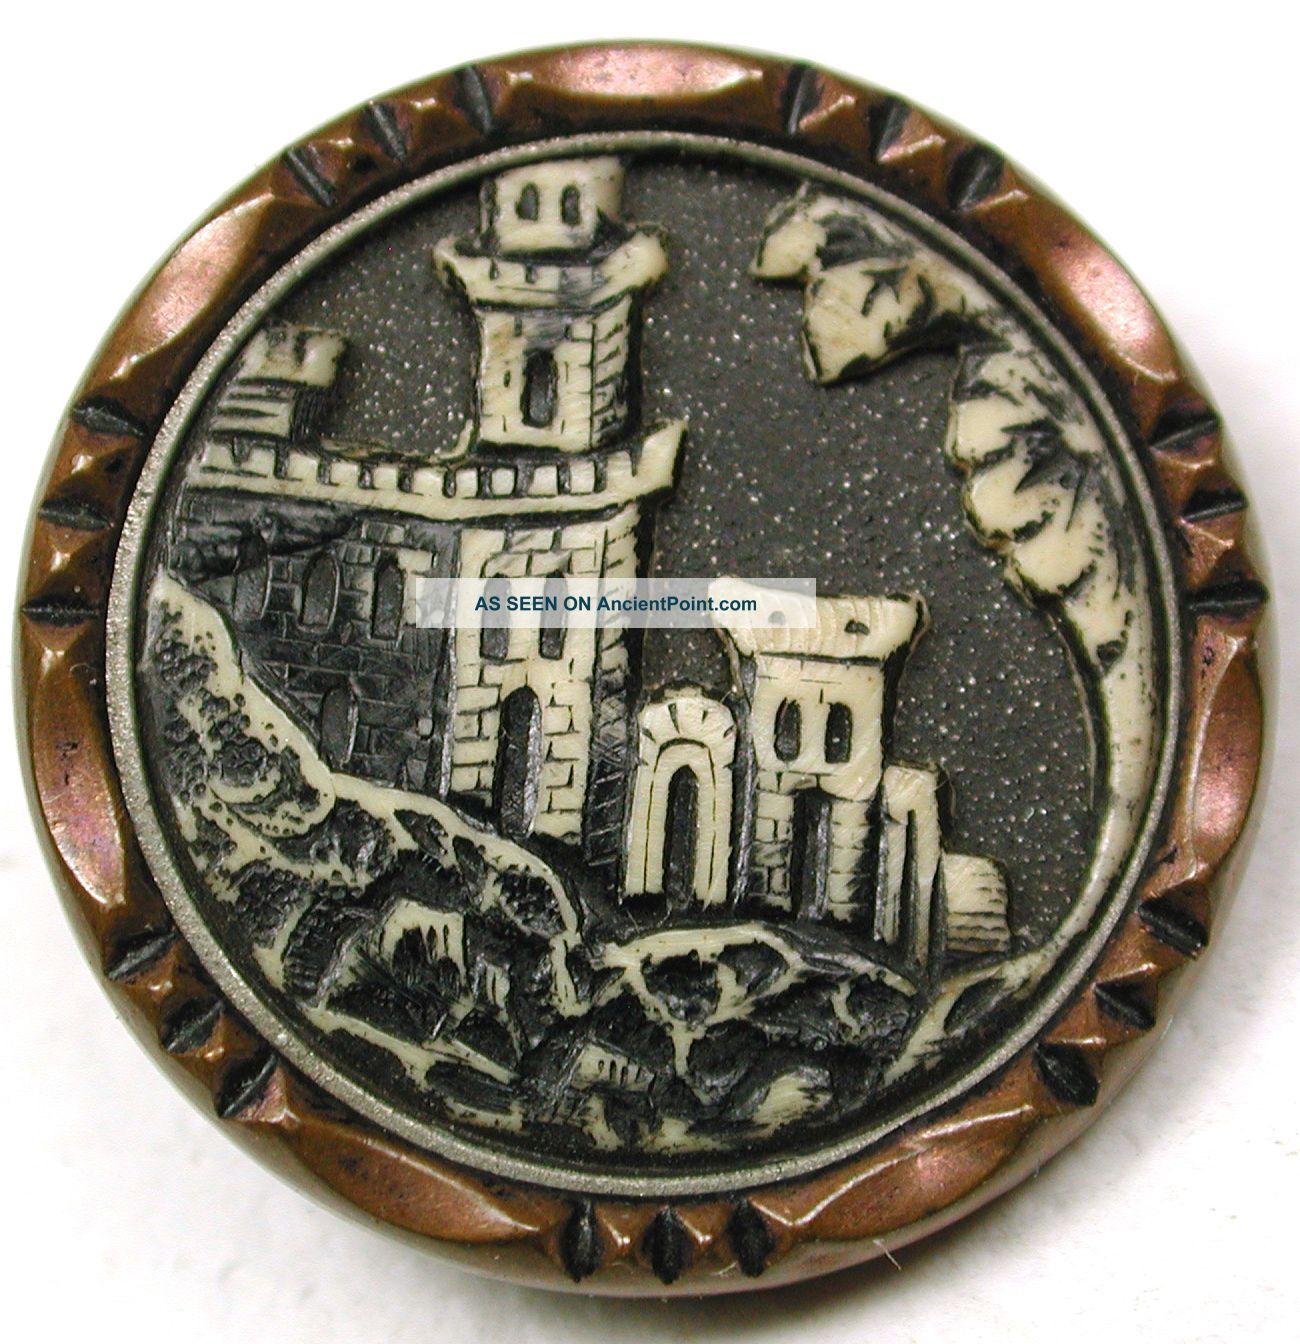 Med Sz Antique Ivoroid Button Detailed Castle Pictorial Design - 7/8